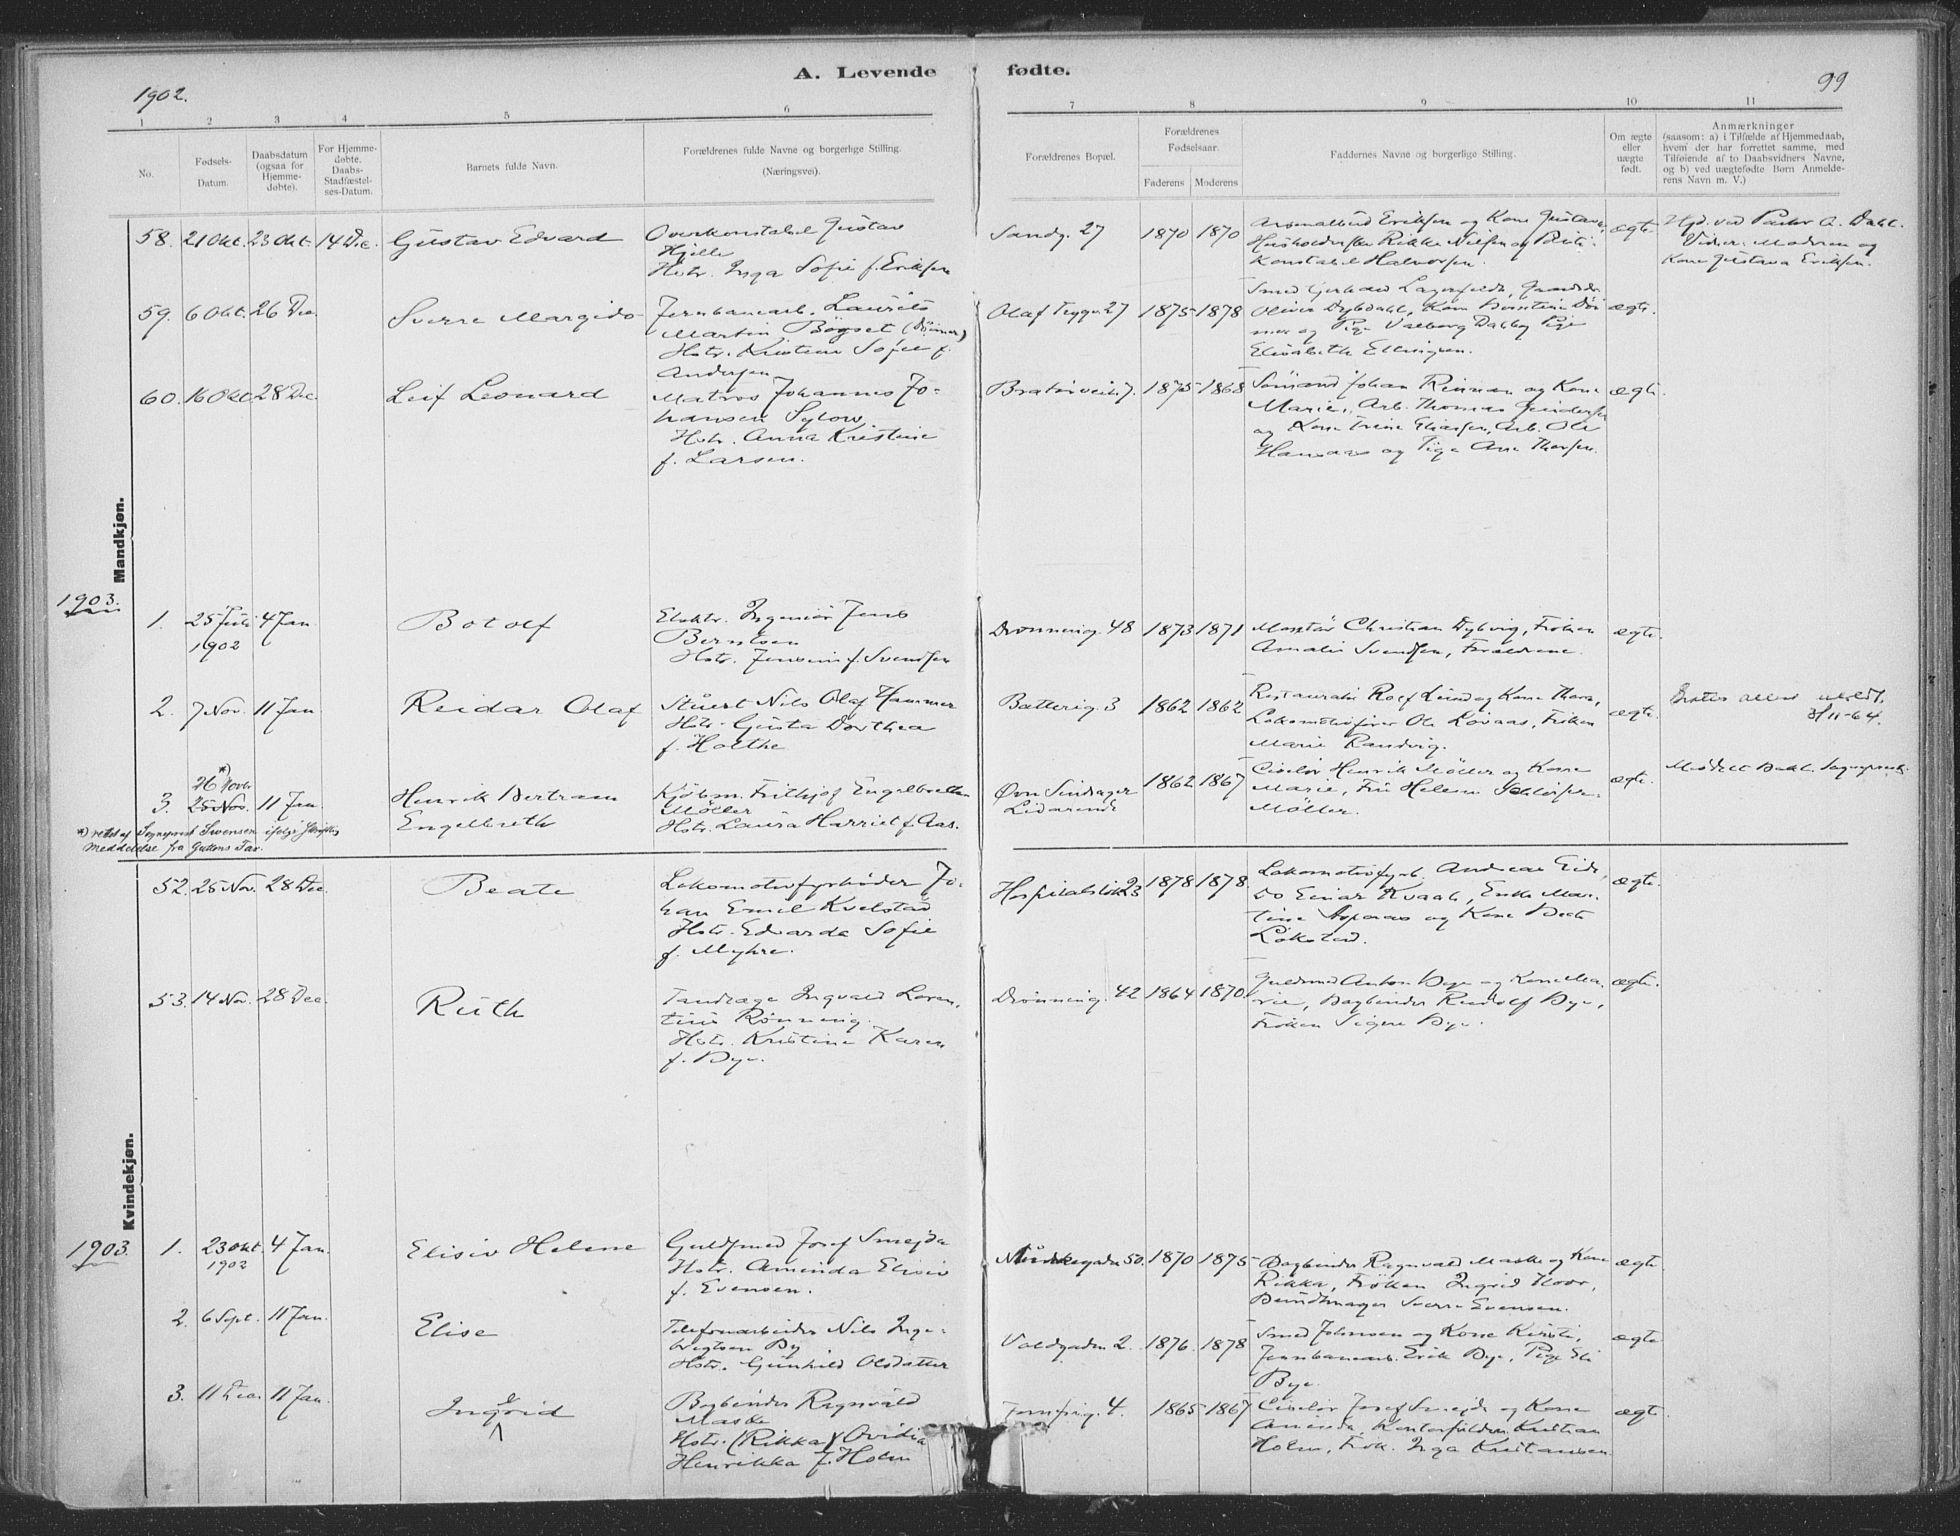 SAT, Ministerialprotokoller, klokkerbøker og fødselsregistre - Sør-Trøndelag, 602/L0122: Ministerialbok nr. 602A20, 1892-1908, s. 99